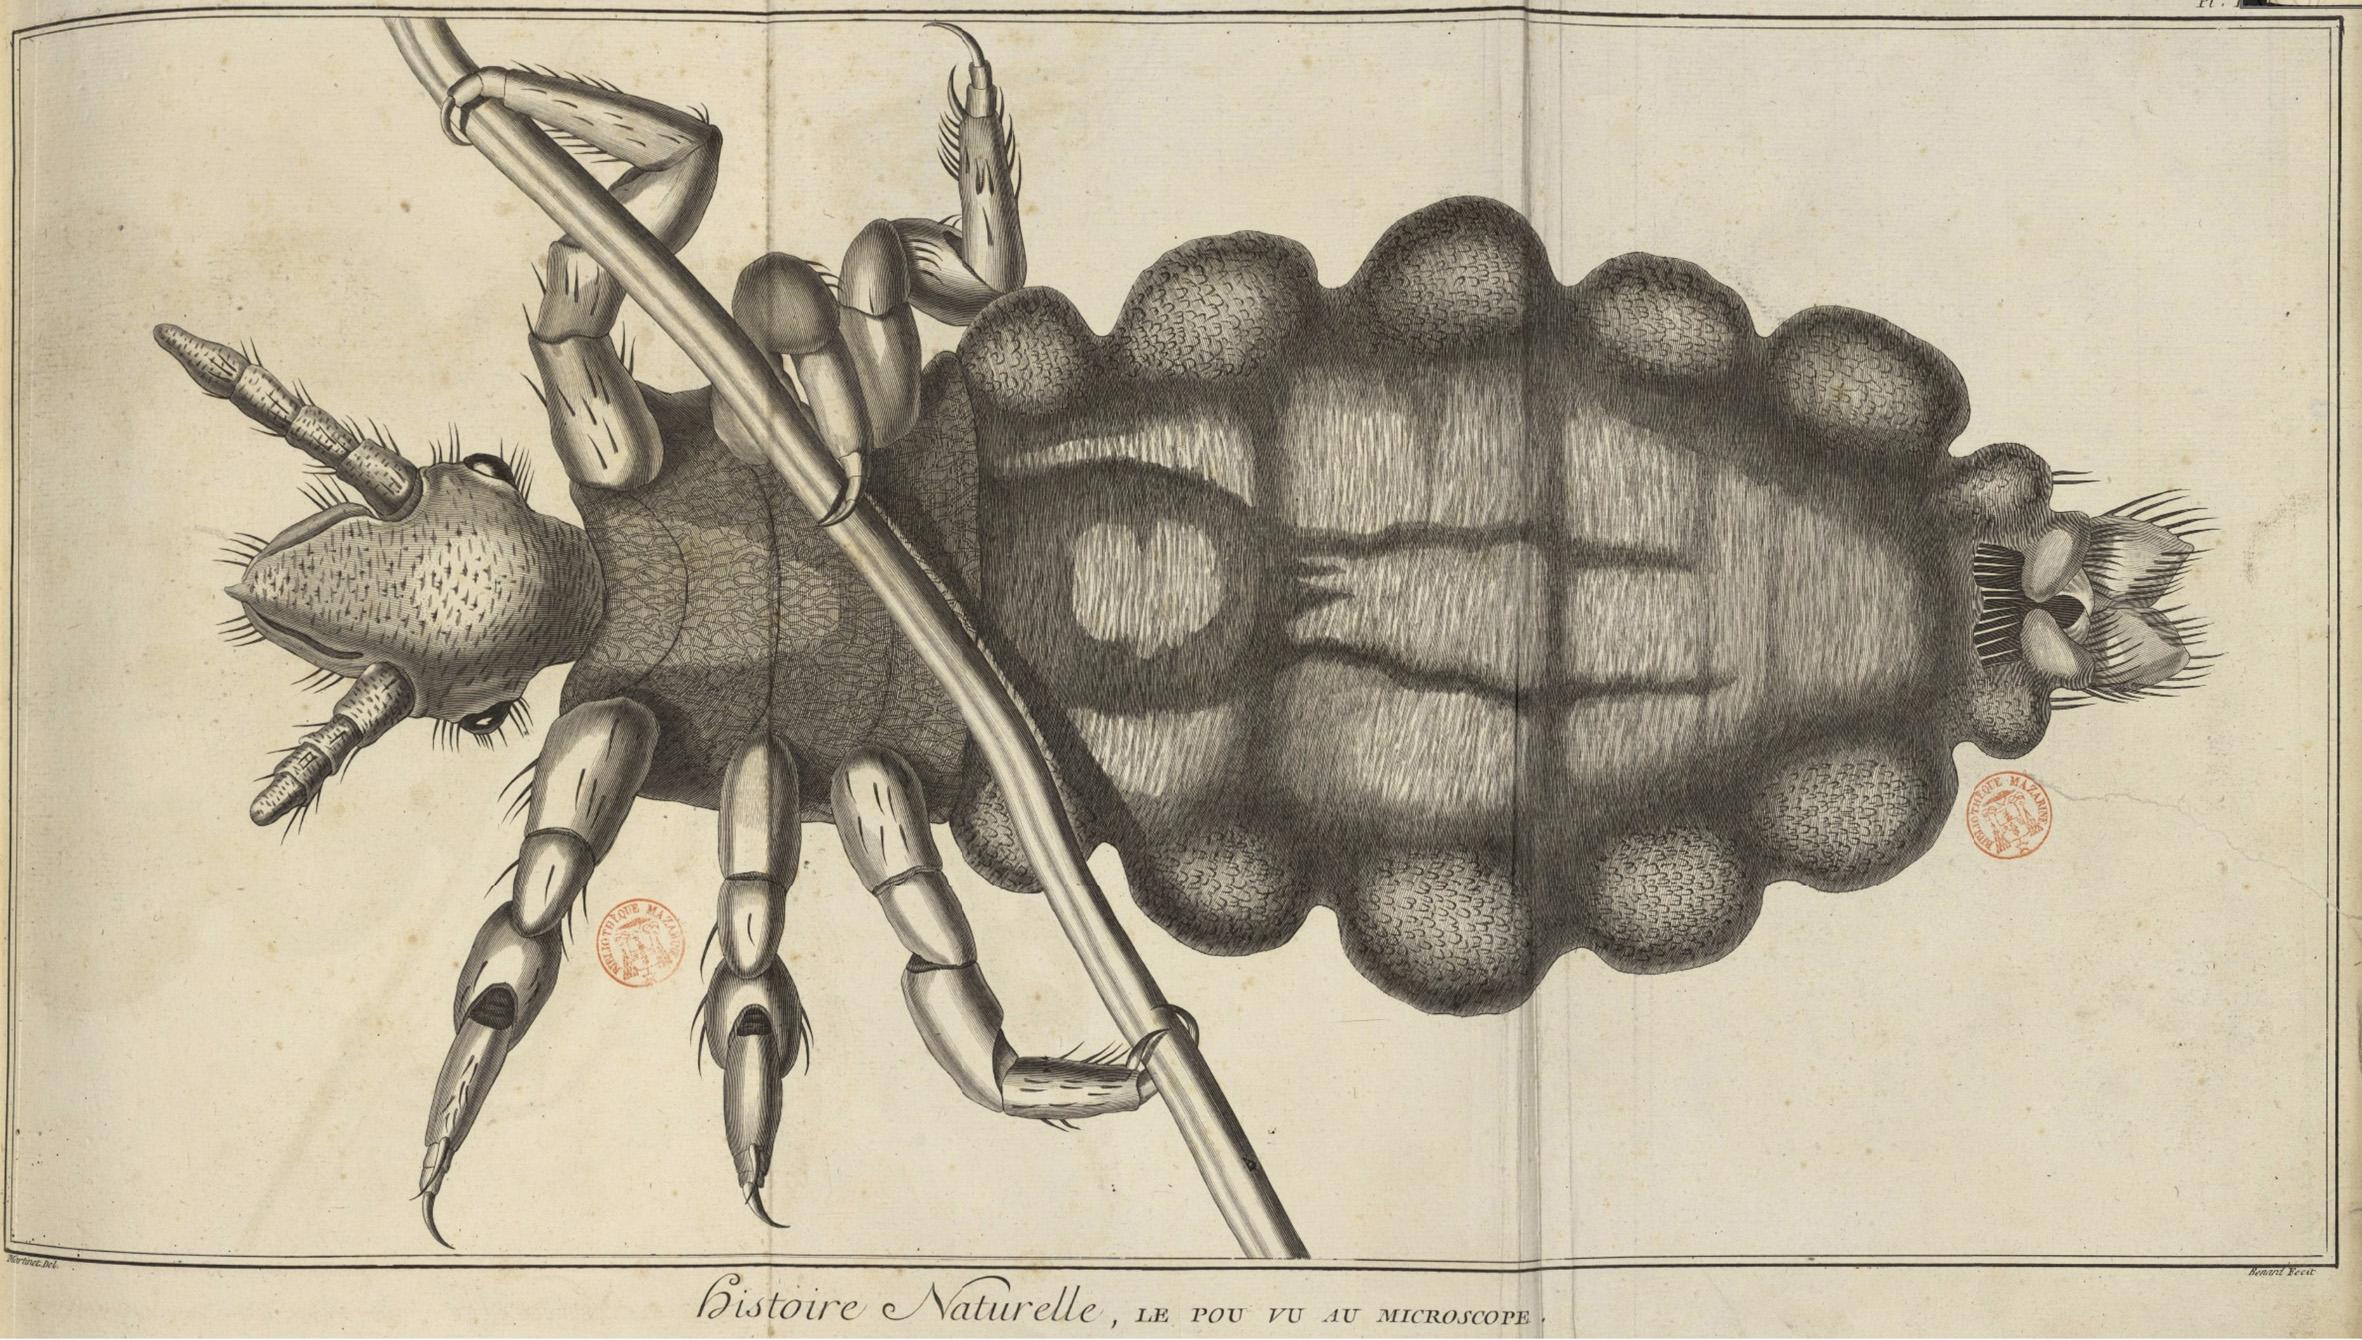 Un pou vu au microscope, tiré de L'Encyclopédie de Diderot-d'Alembert.